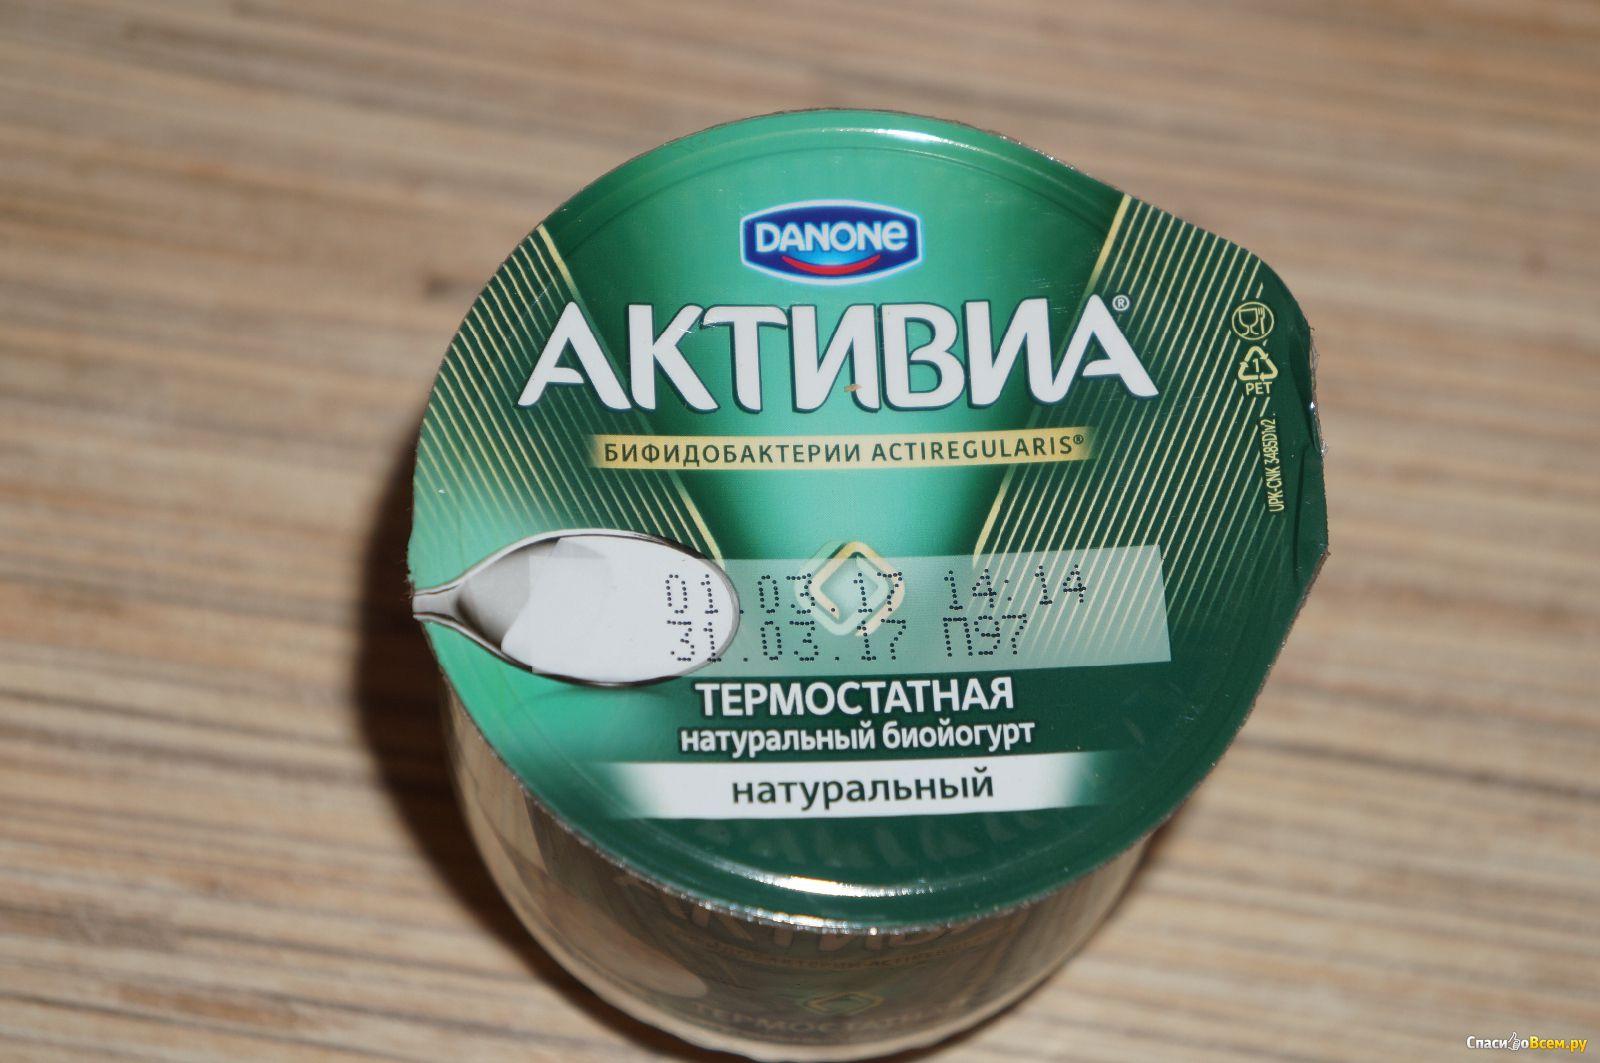 термостатный йогурт активиа фото